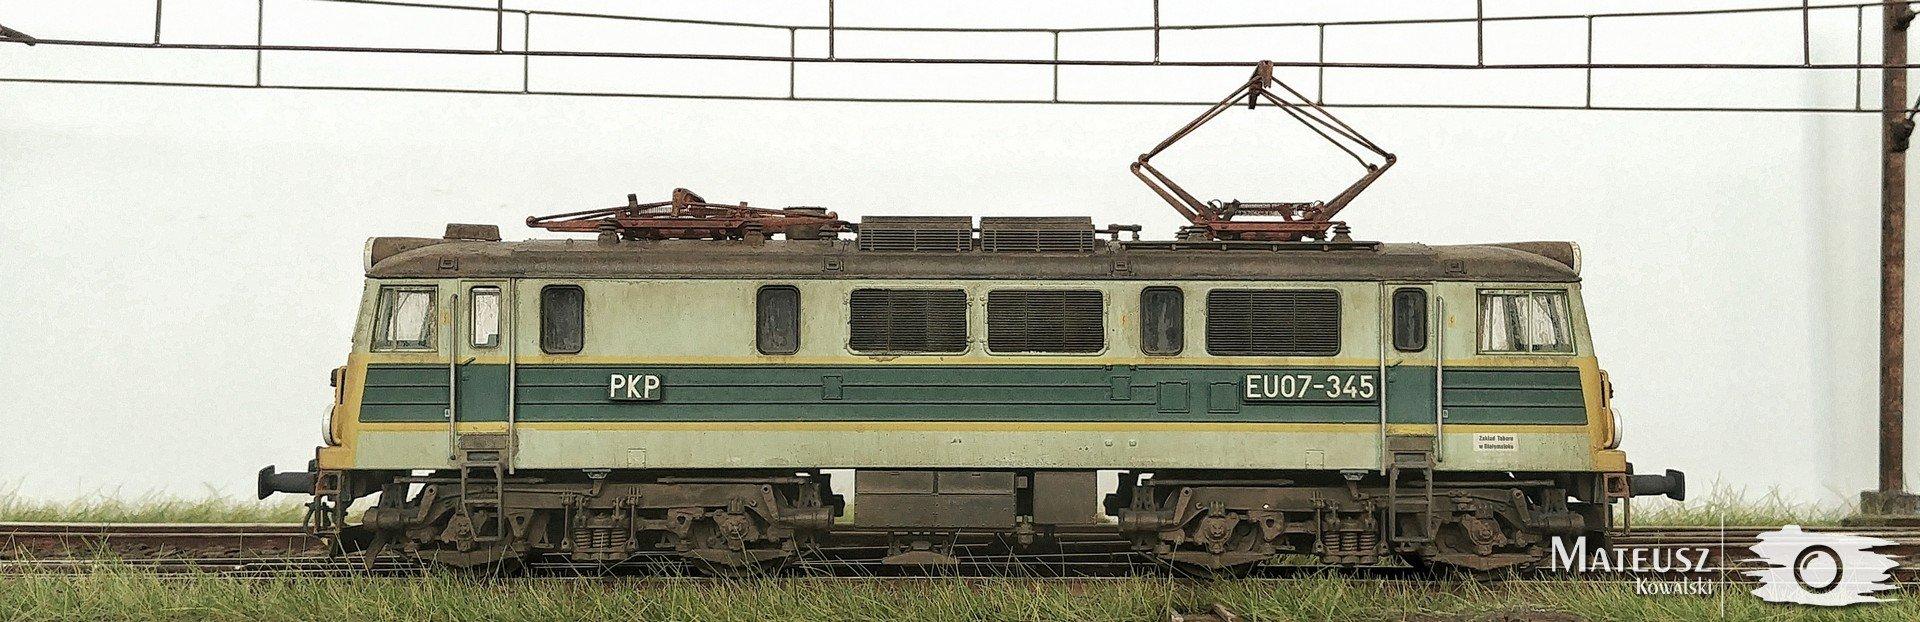 EU07-345.jpg